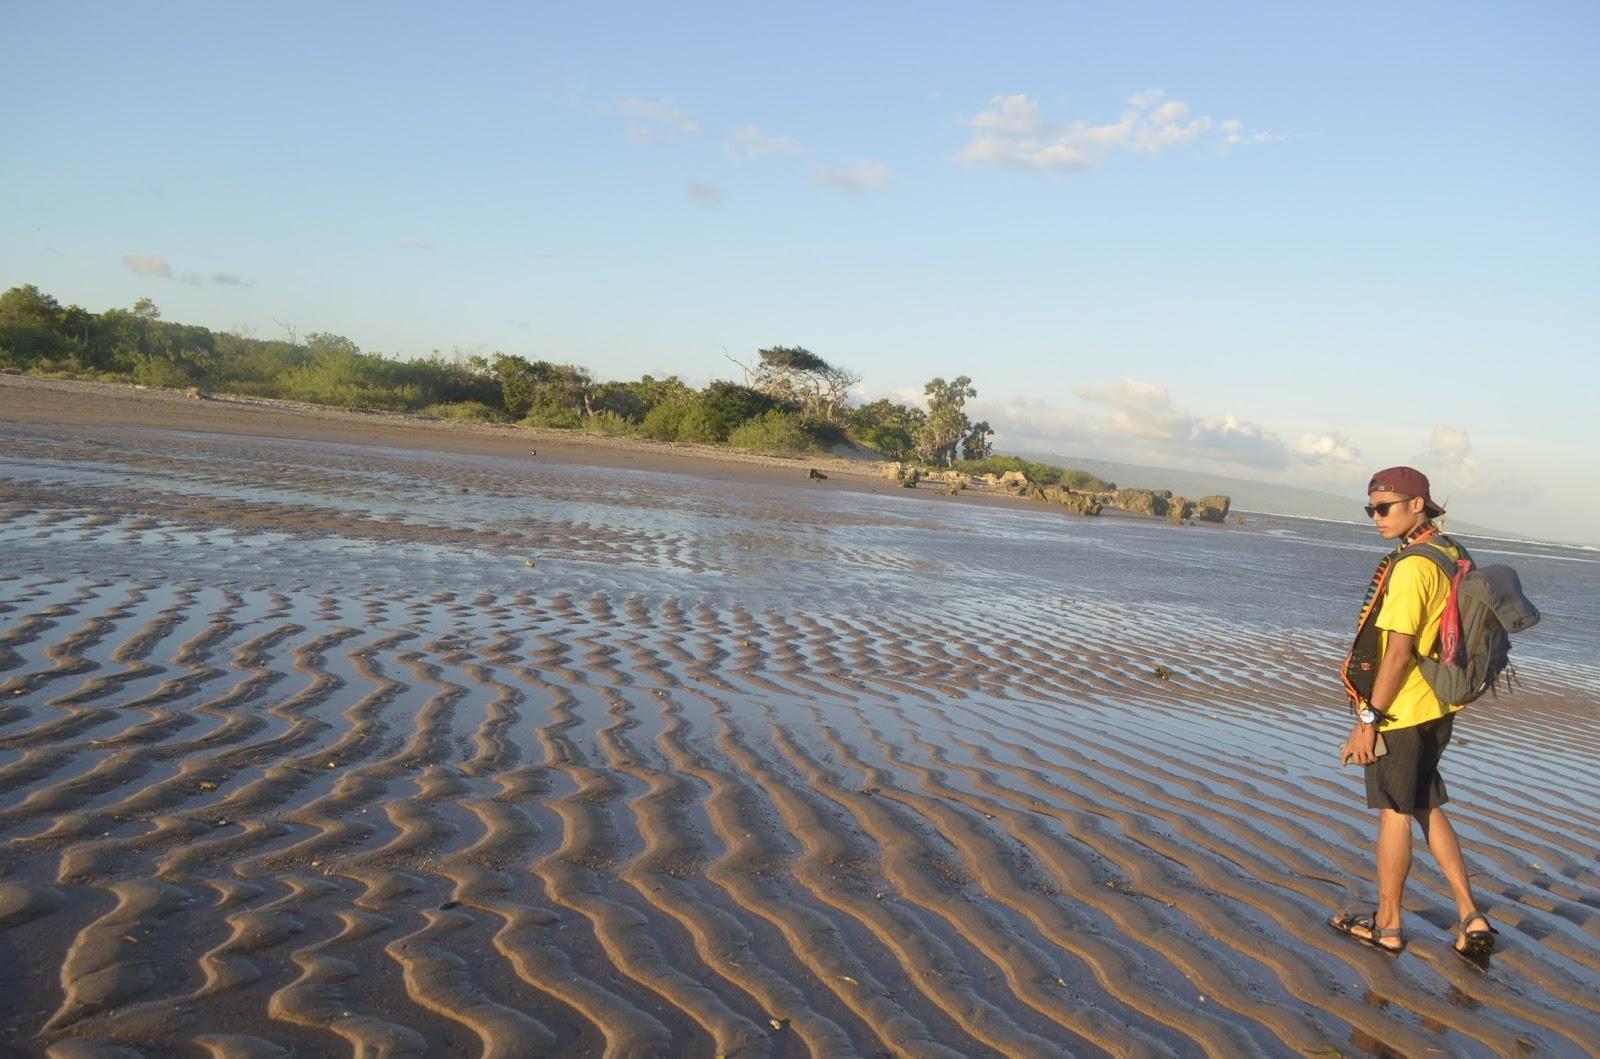 Arianto Ntt Pantai Salupu Kabupaten Kupang Warga Disekitar Kebanyakan Berasal